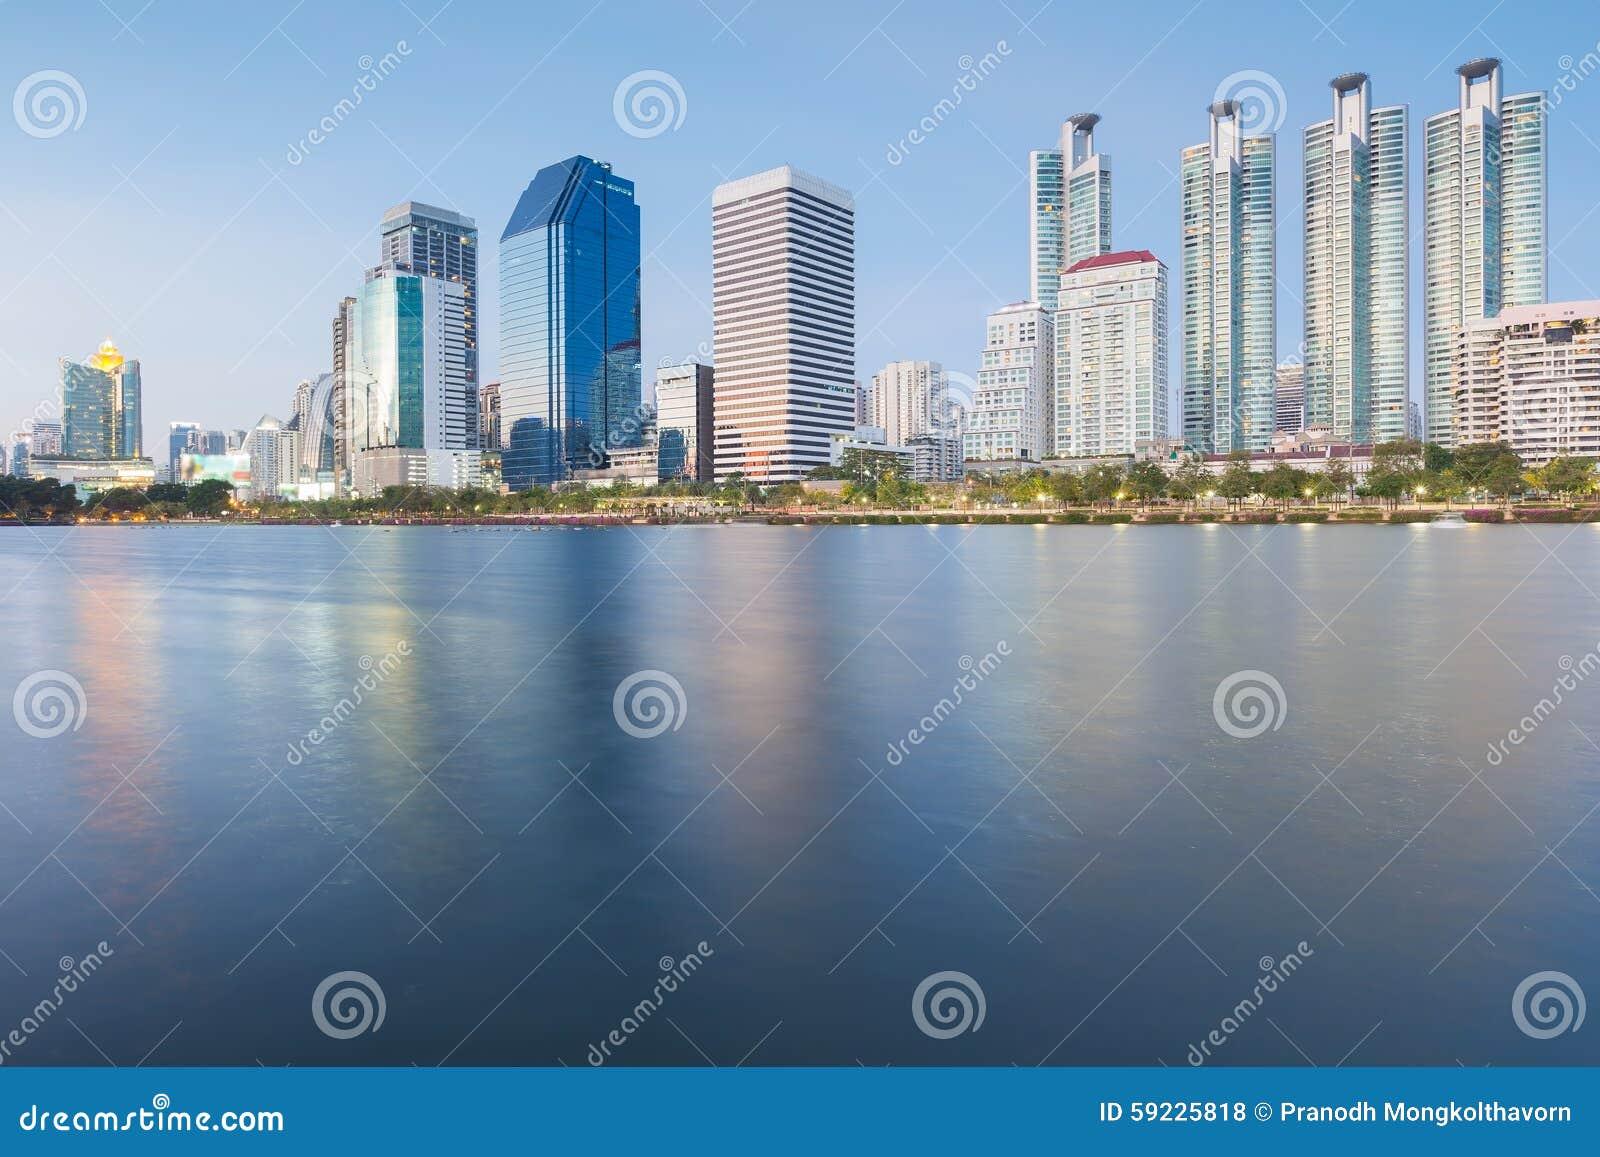 Download Vista Delantera Del Suministro De Agua De Bangkok En Parques Públicos Foto de archivo - Imagen de público, alto: 59225818